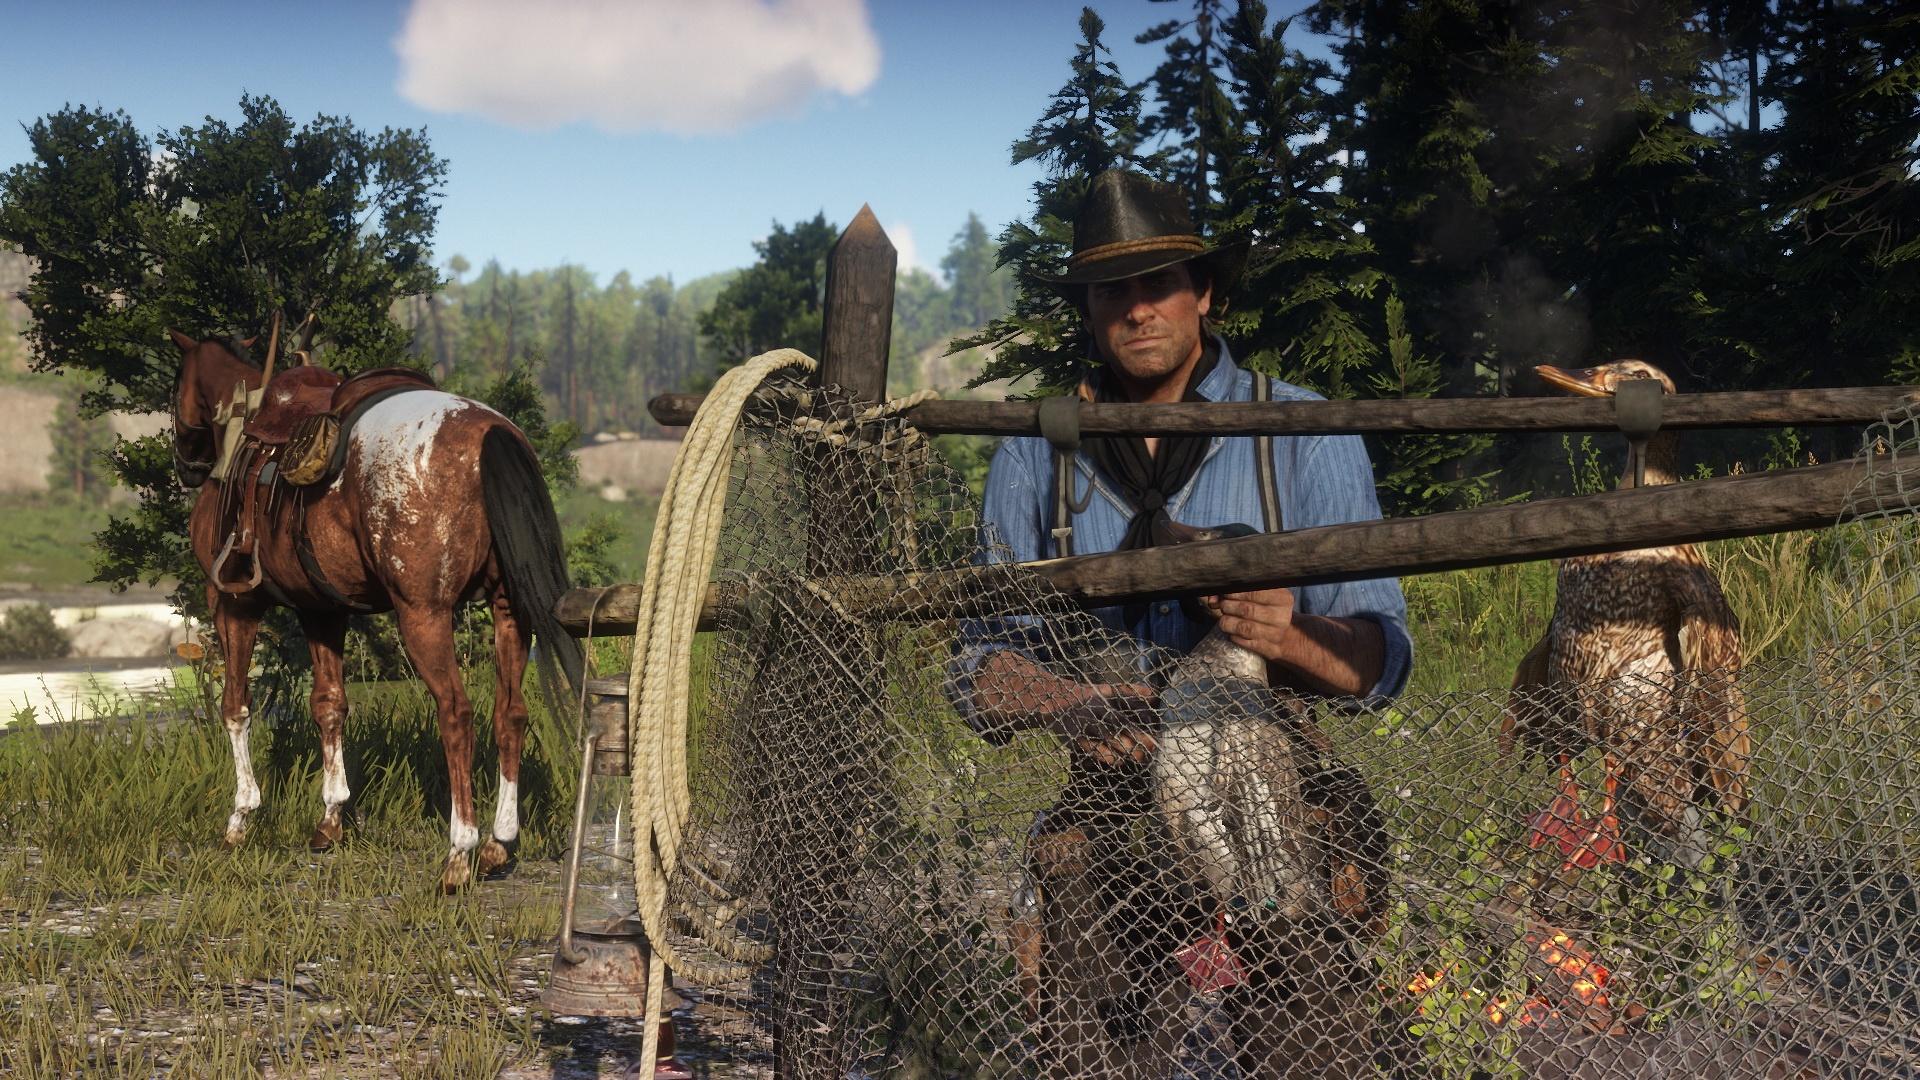 Neue Screenshots zu Red Dead Redemption 2 zeigen Tierwelt, Open World und Charaktere. Bild 17 - Quelle: Rockstar Games